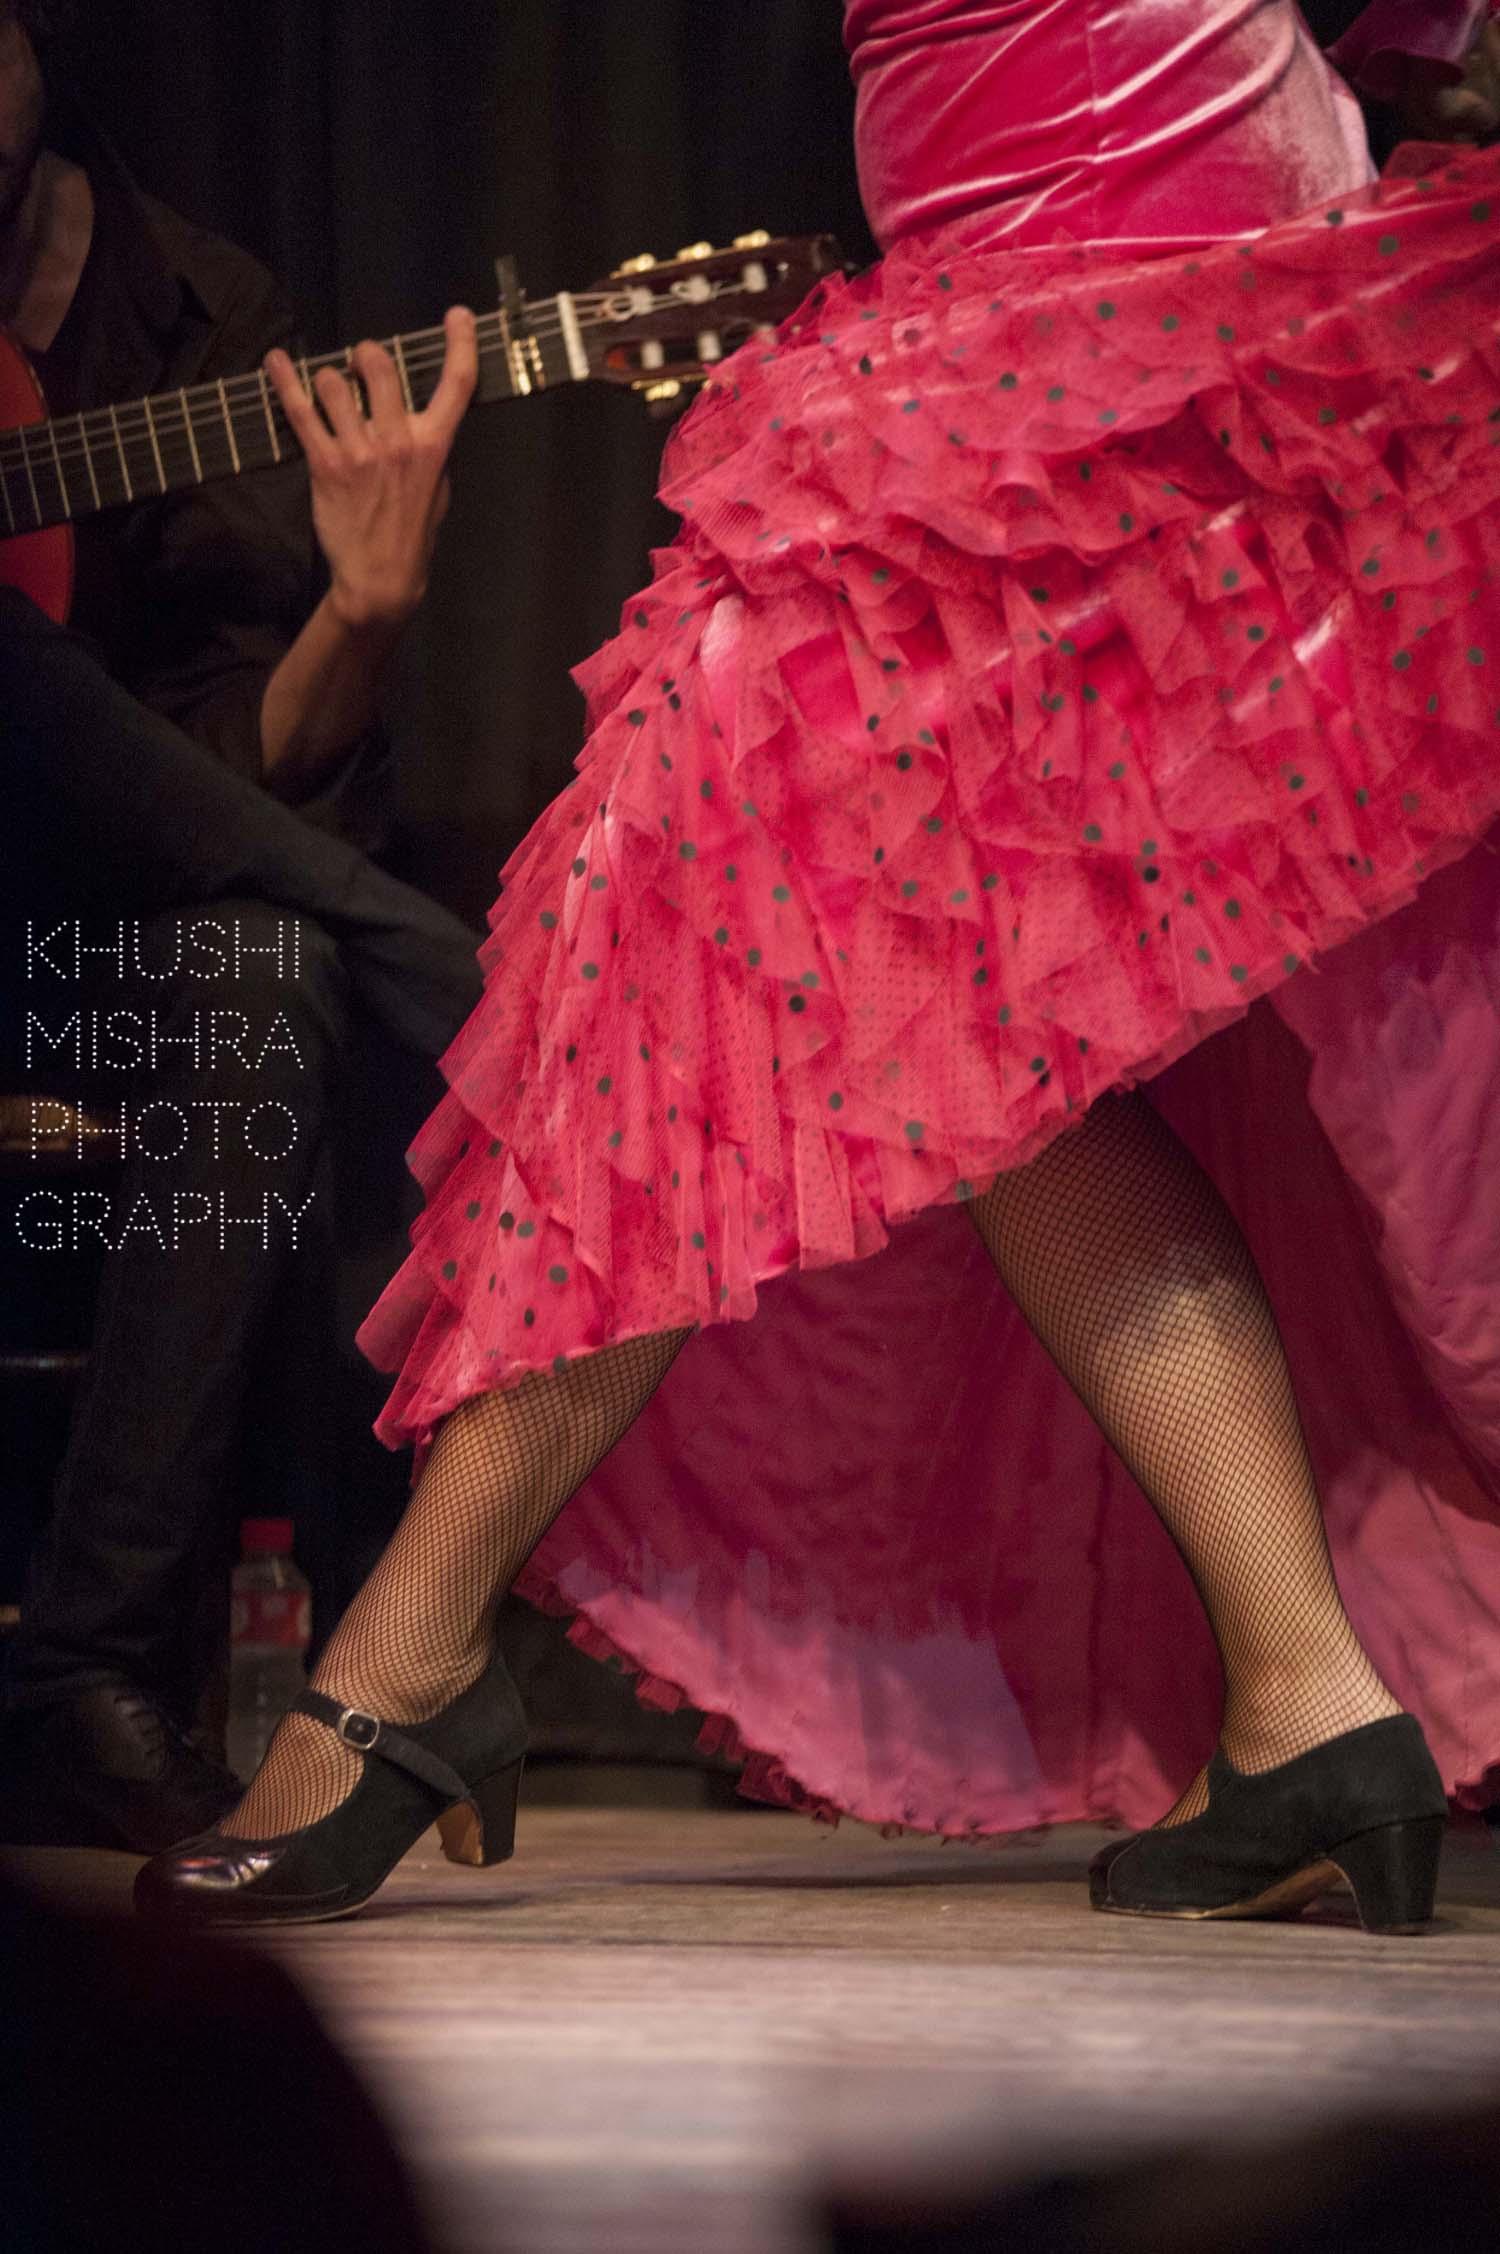 Flamenco_dsc_7932 copy.jpg